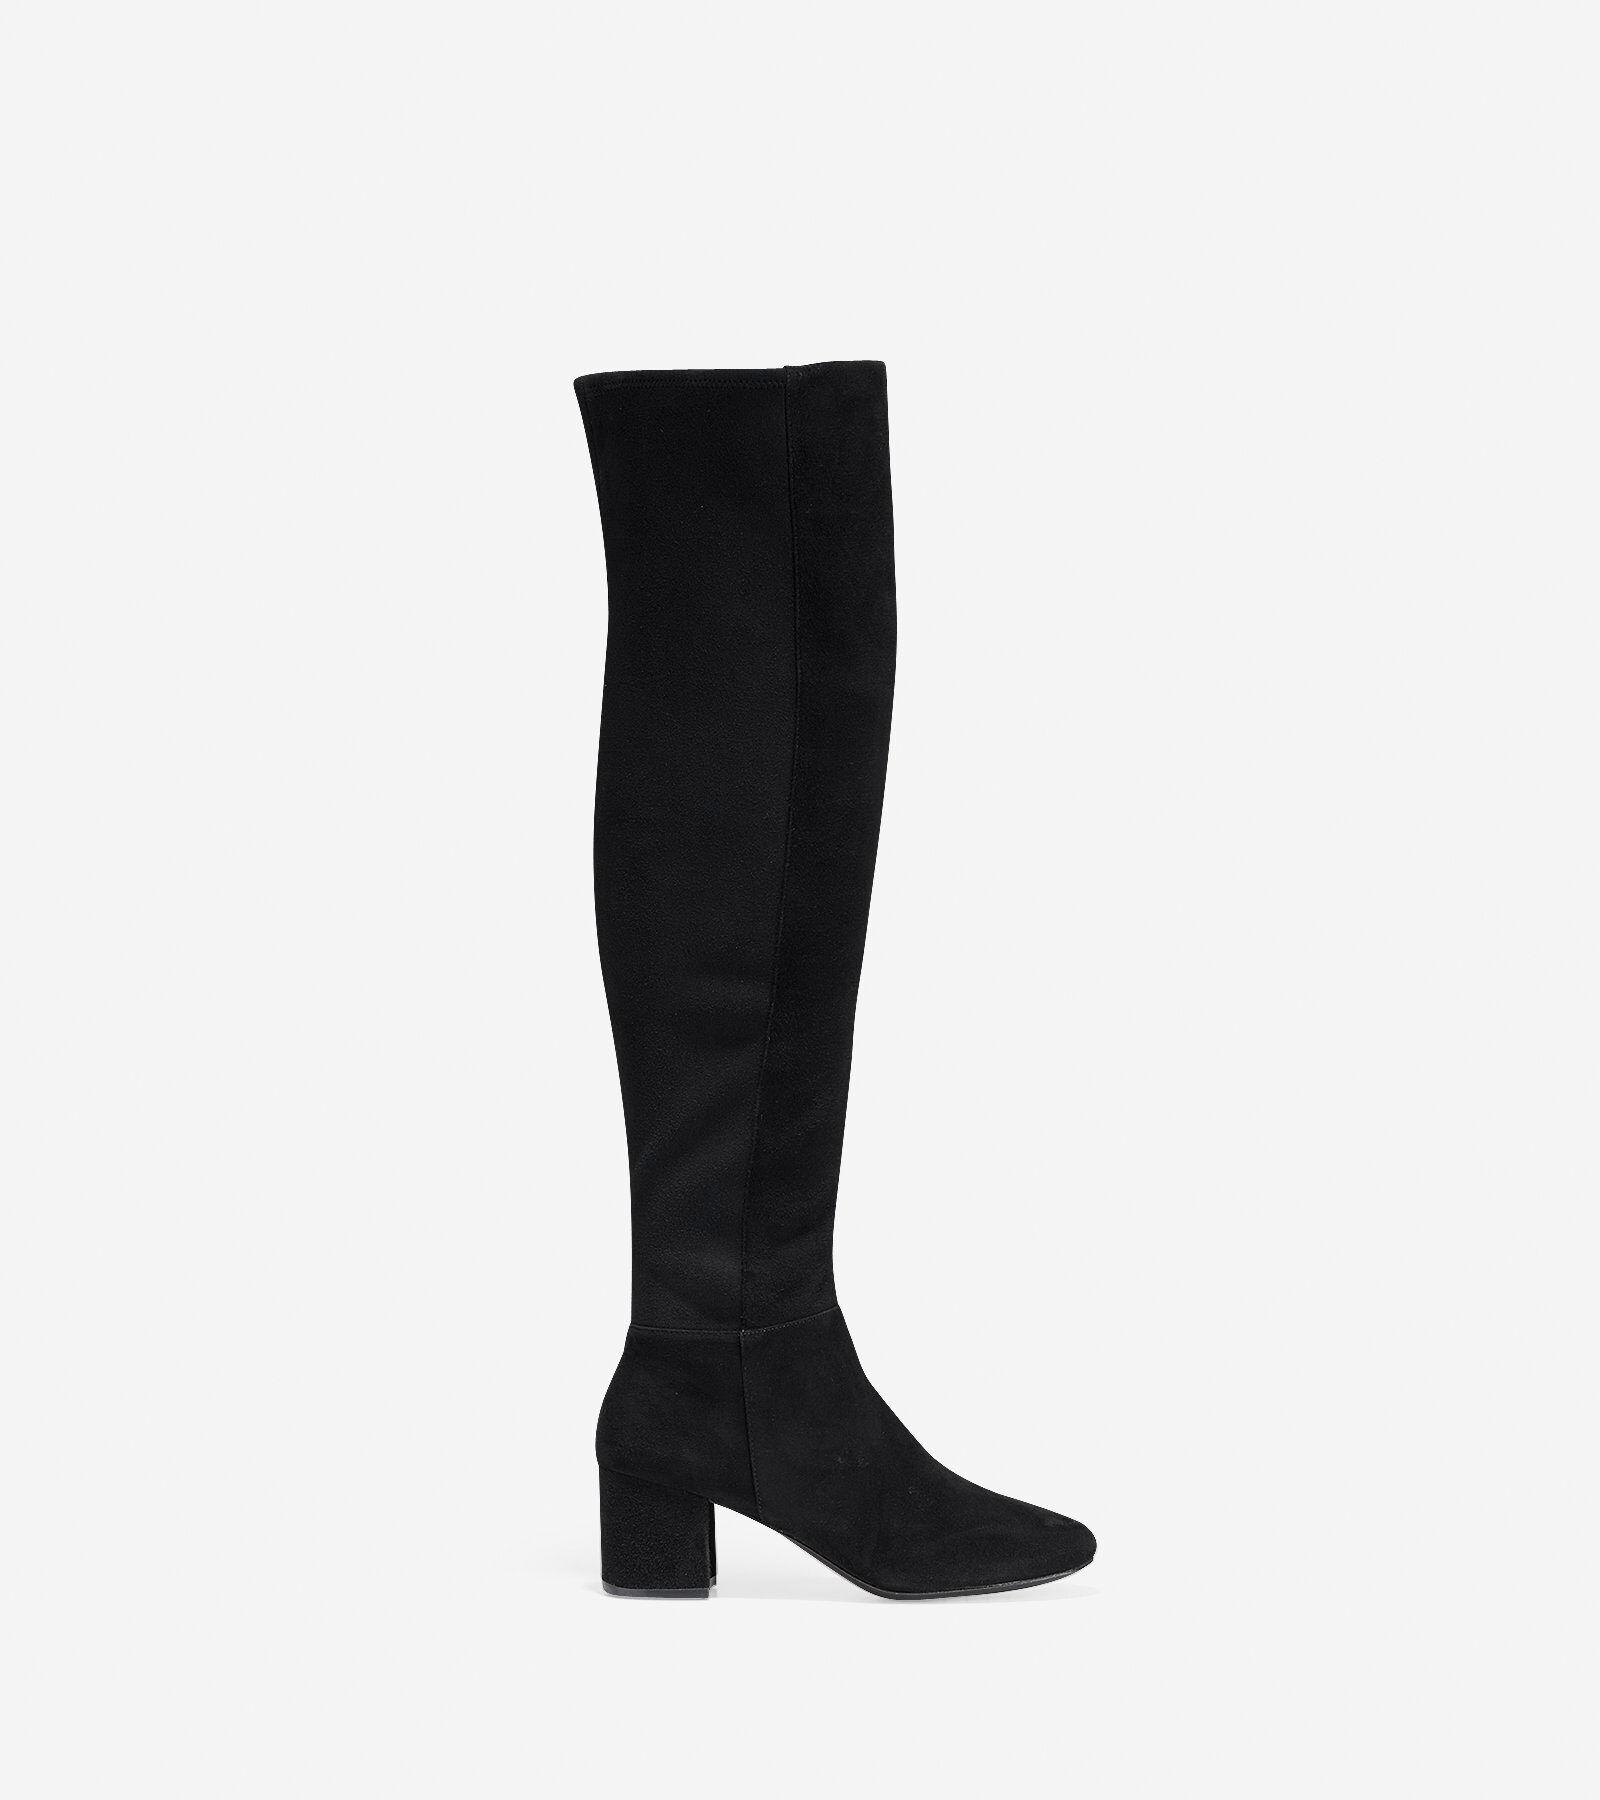 Discount Shop Women GC Shoes Raina Riding Boot Black - C4Y6123997